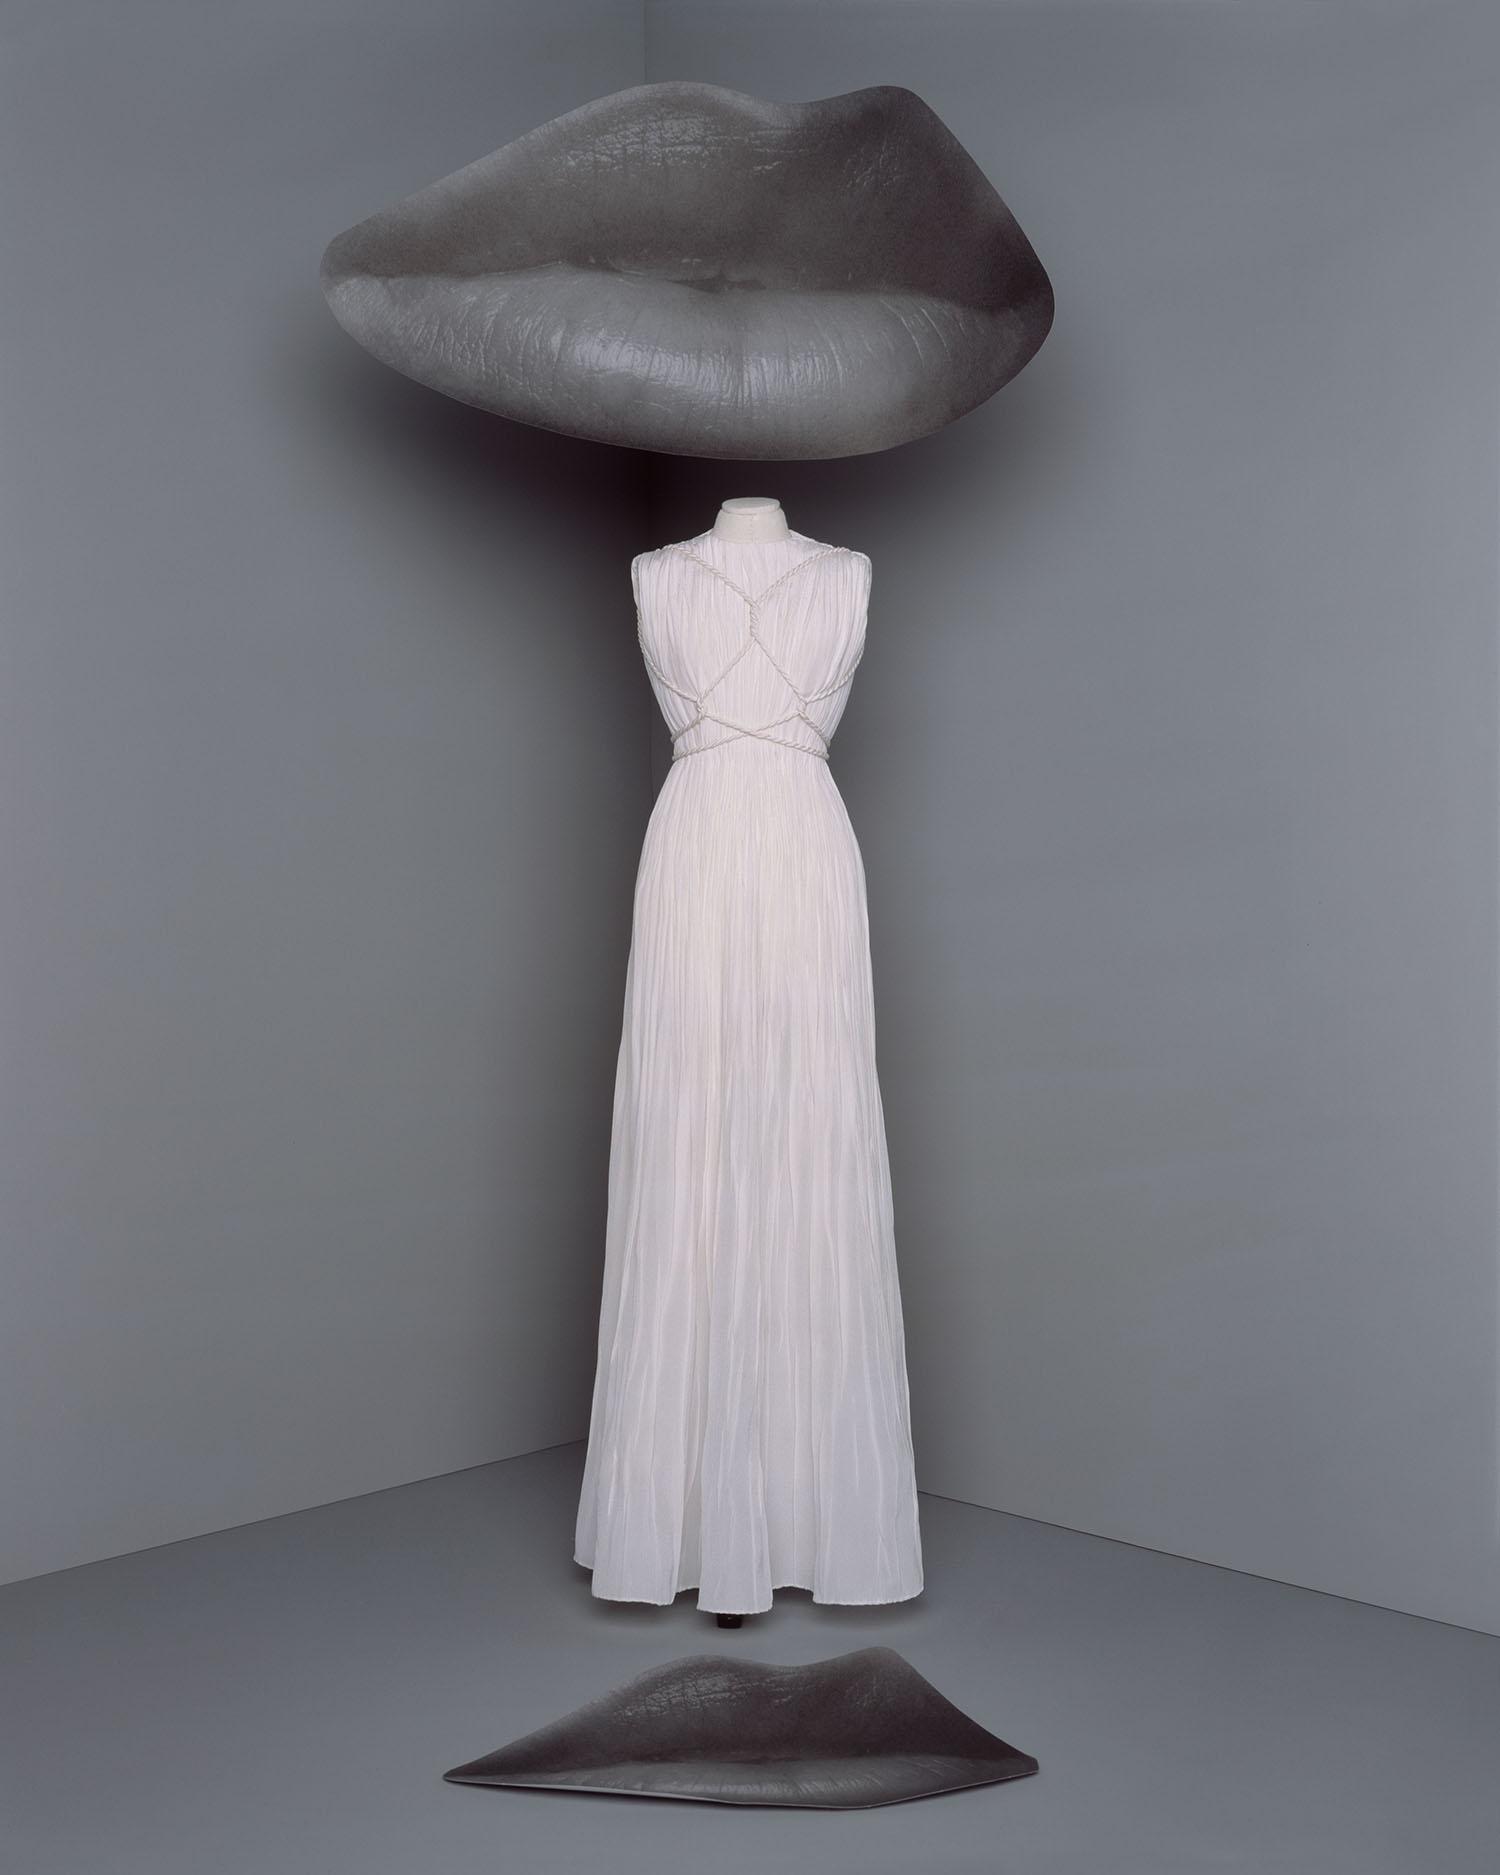 bst dior haute couture thu đông 2021 look 1